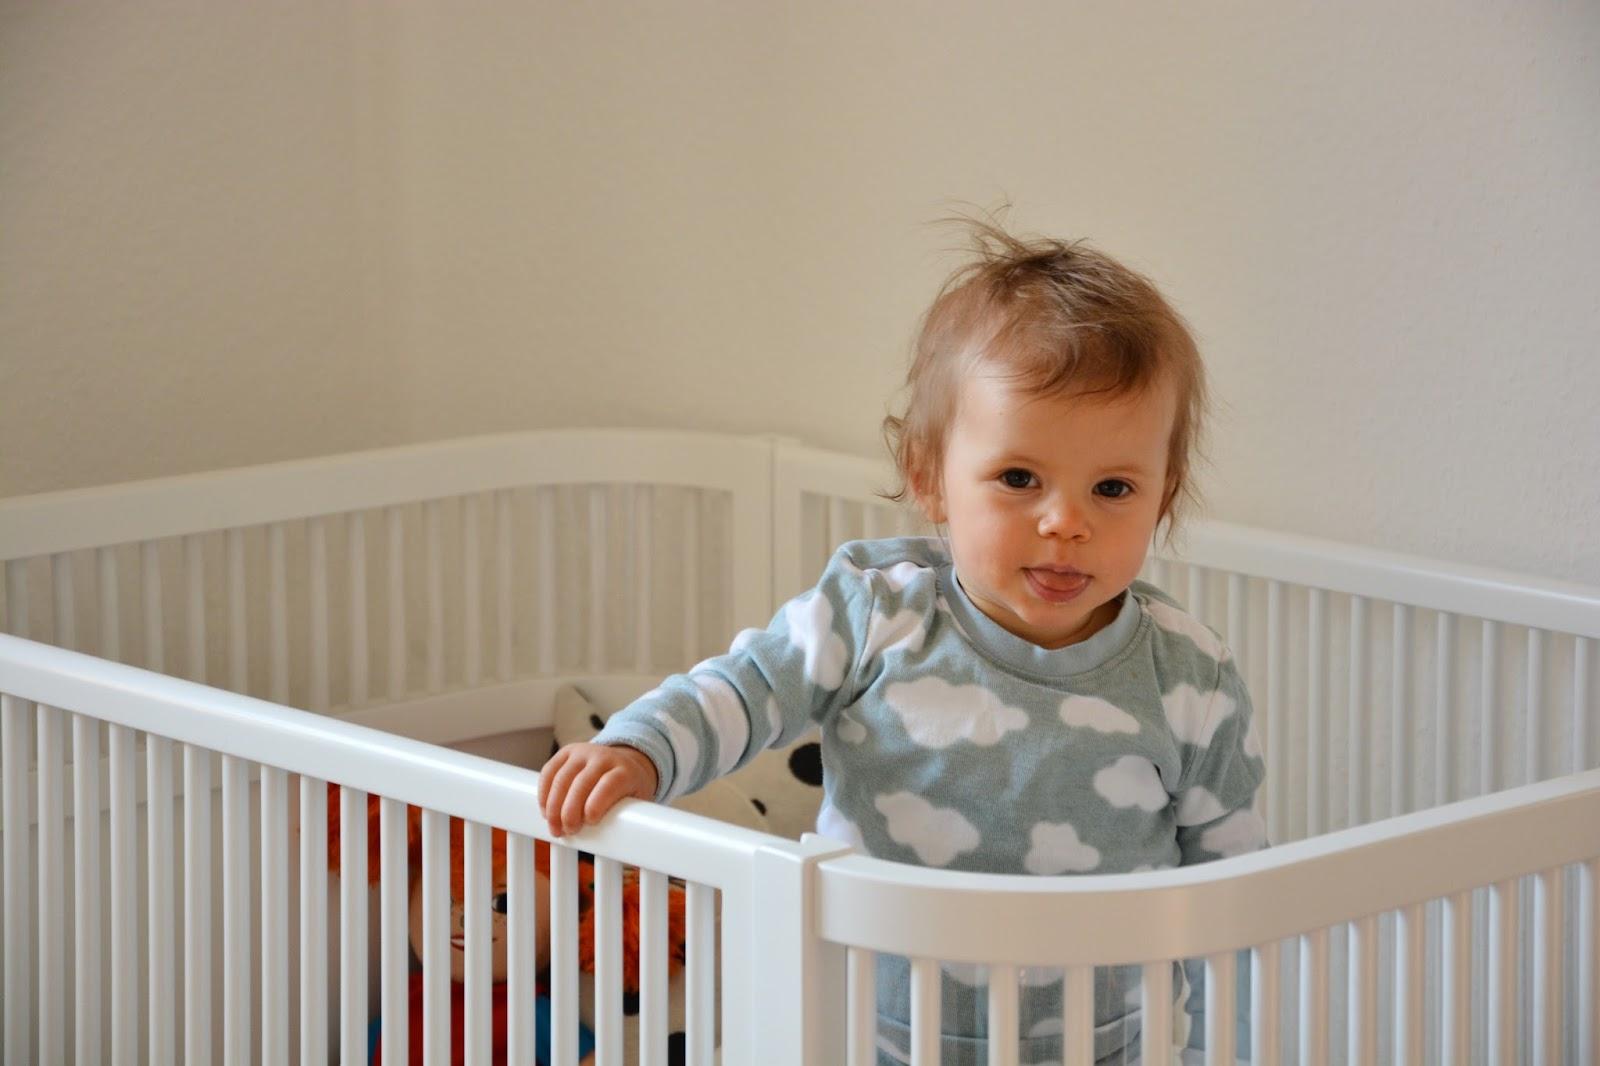 oh baby hurra das baby schl ft schlaf kindlein schlaf unsere schlaf routine oh. Black Bedroom Furniture Sets. Home Design Ideas